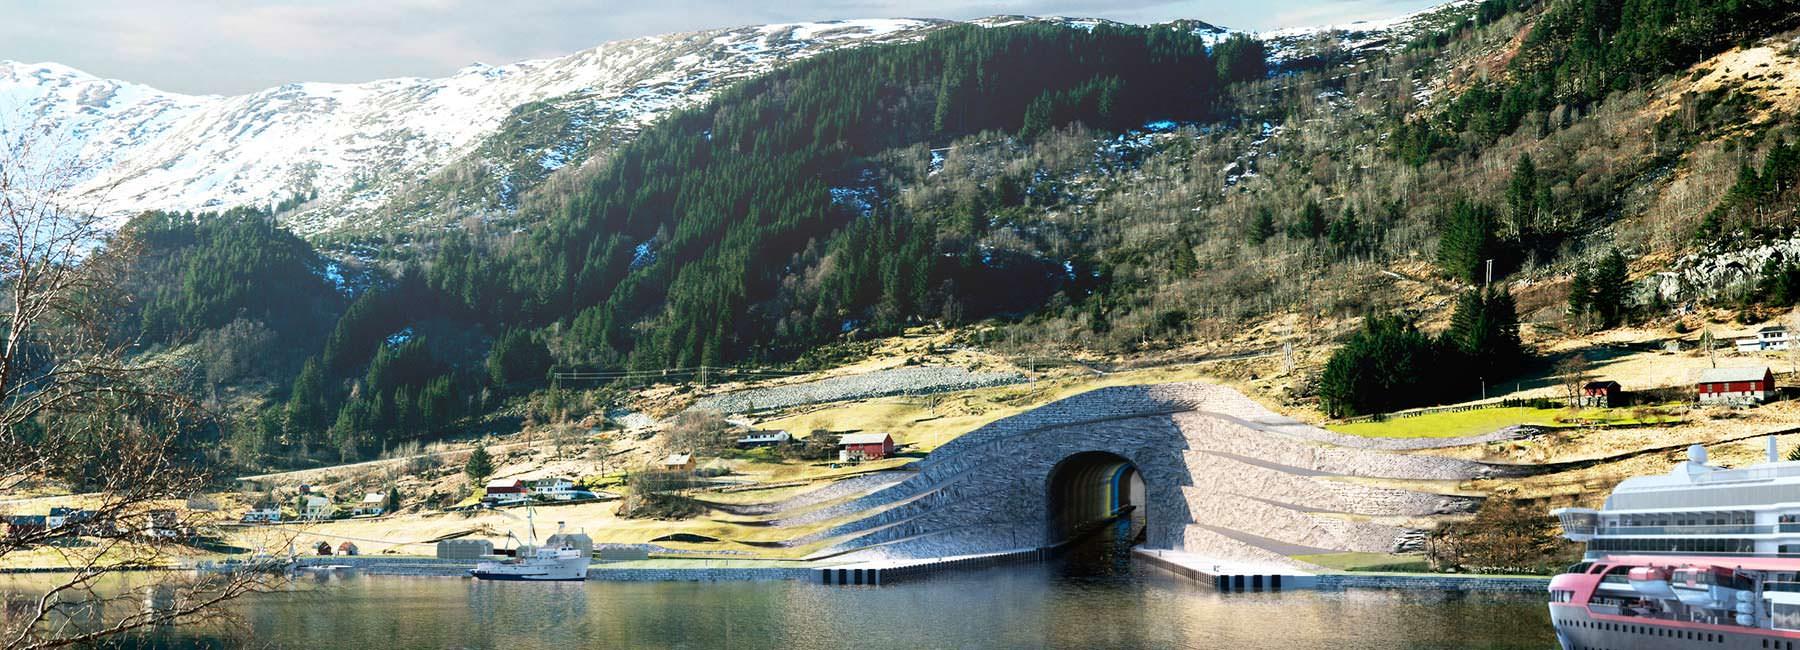 Фото   Первый в мире судоходный тоннель. Проект Snøhetta